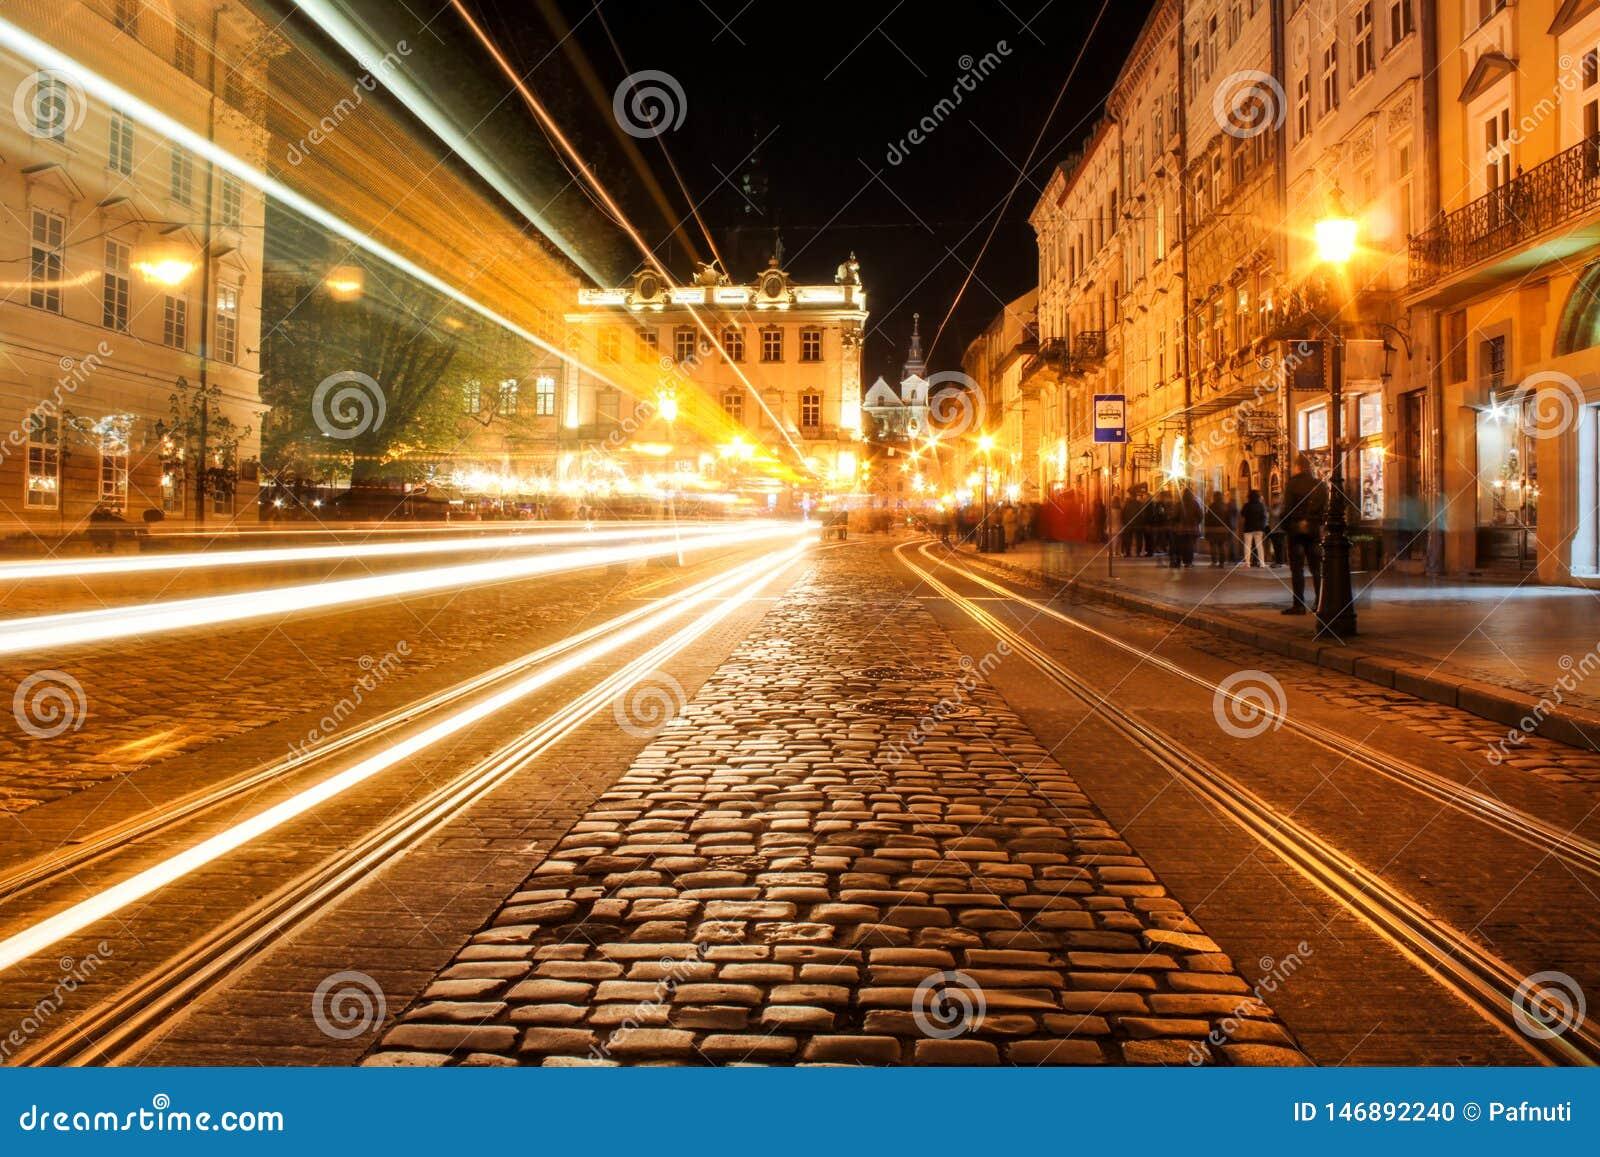 Άποψη της οδού νύχτας της ευρωπαϊκής μεσαιωνικής πόλης